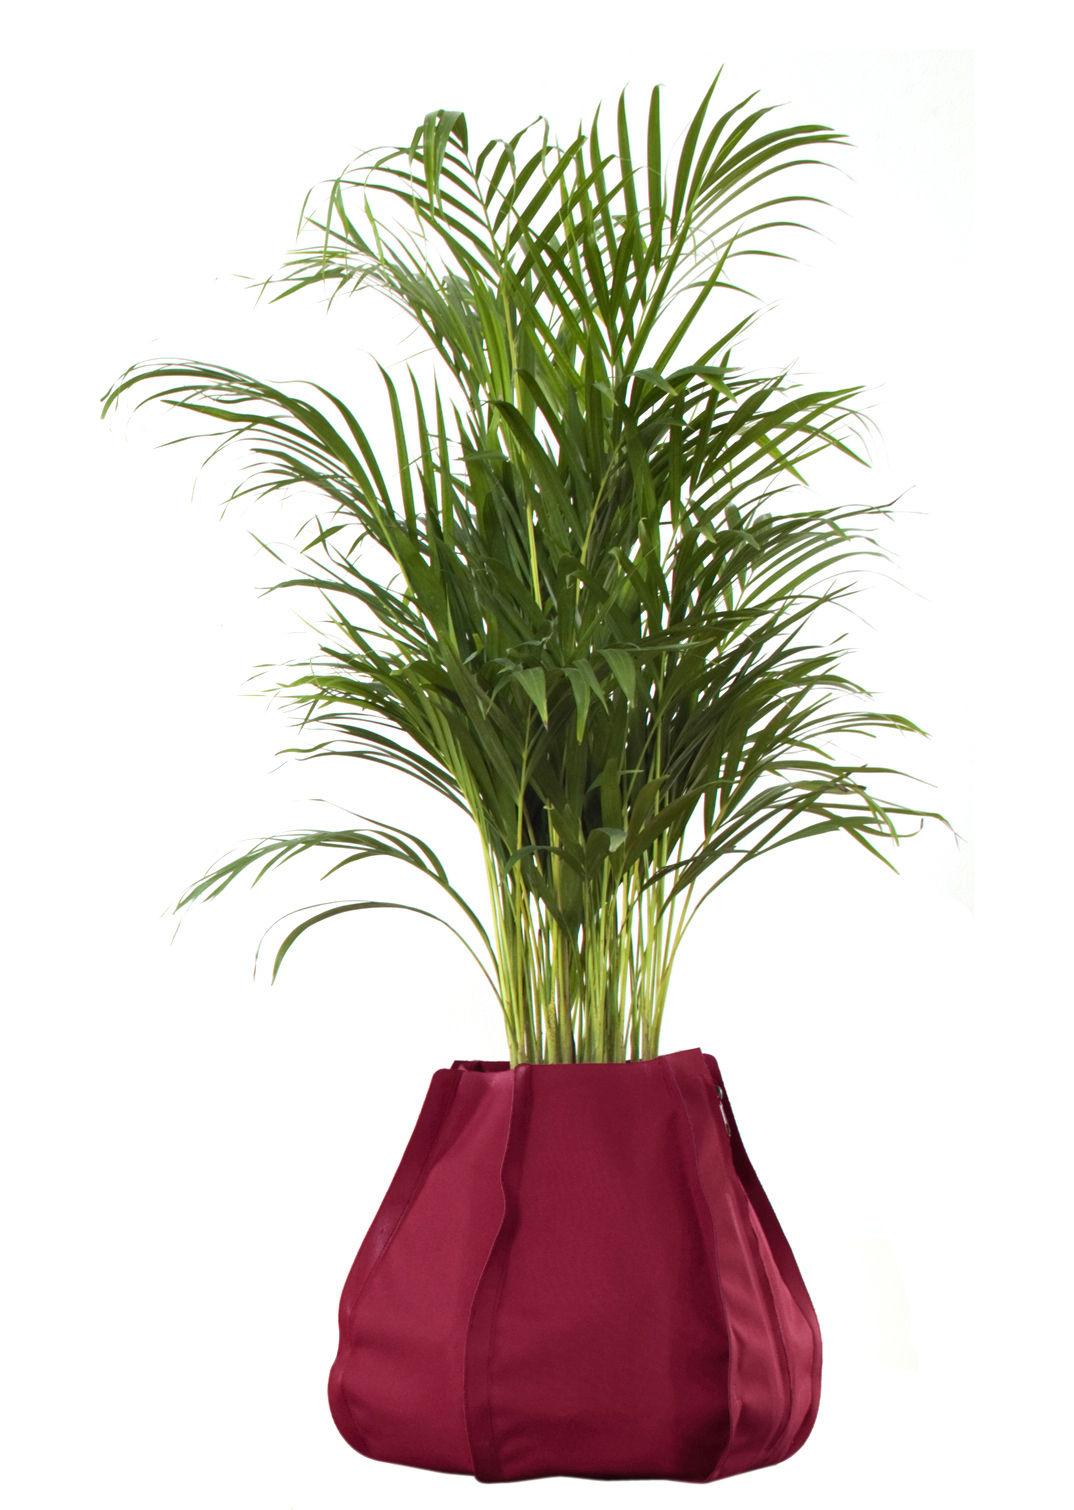 Outdoor - Vasi e Piante - Vaso per fiori Urban Garden Sack - sacco da 45 litri di Authentics - L - Bordeaux - Tessuto poliestere